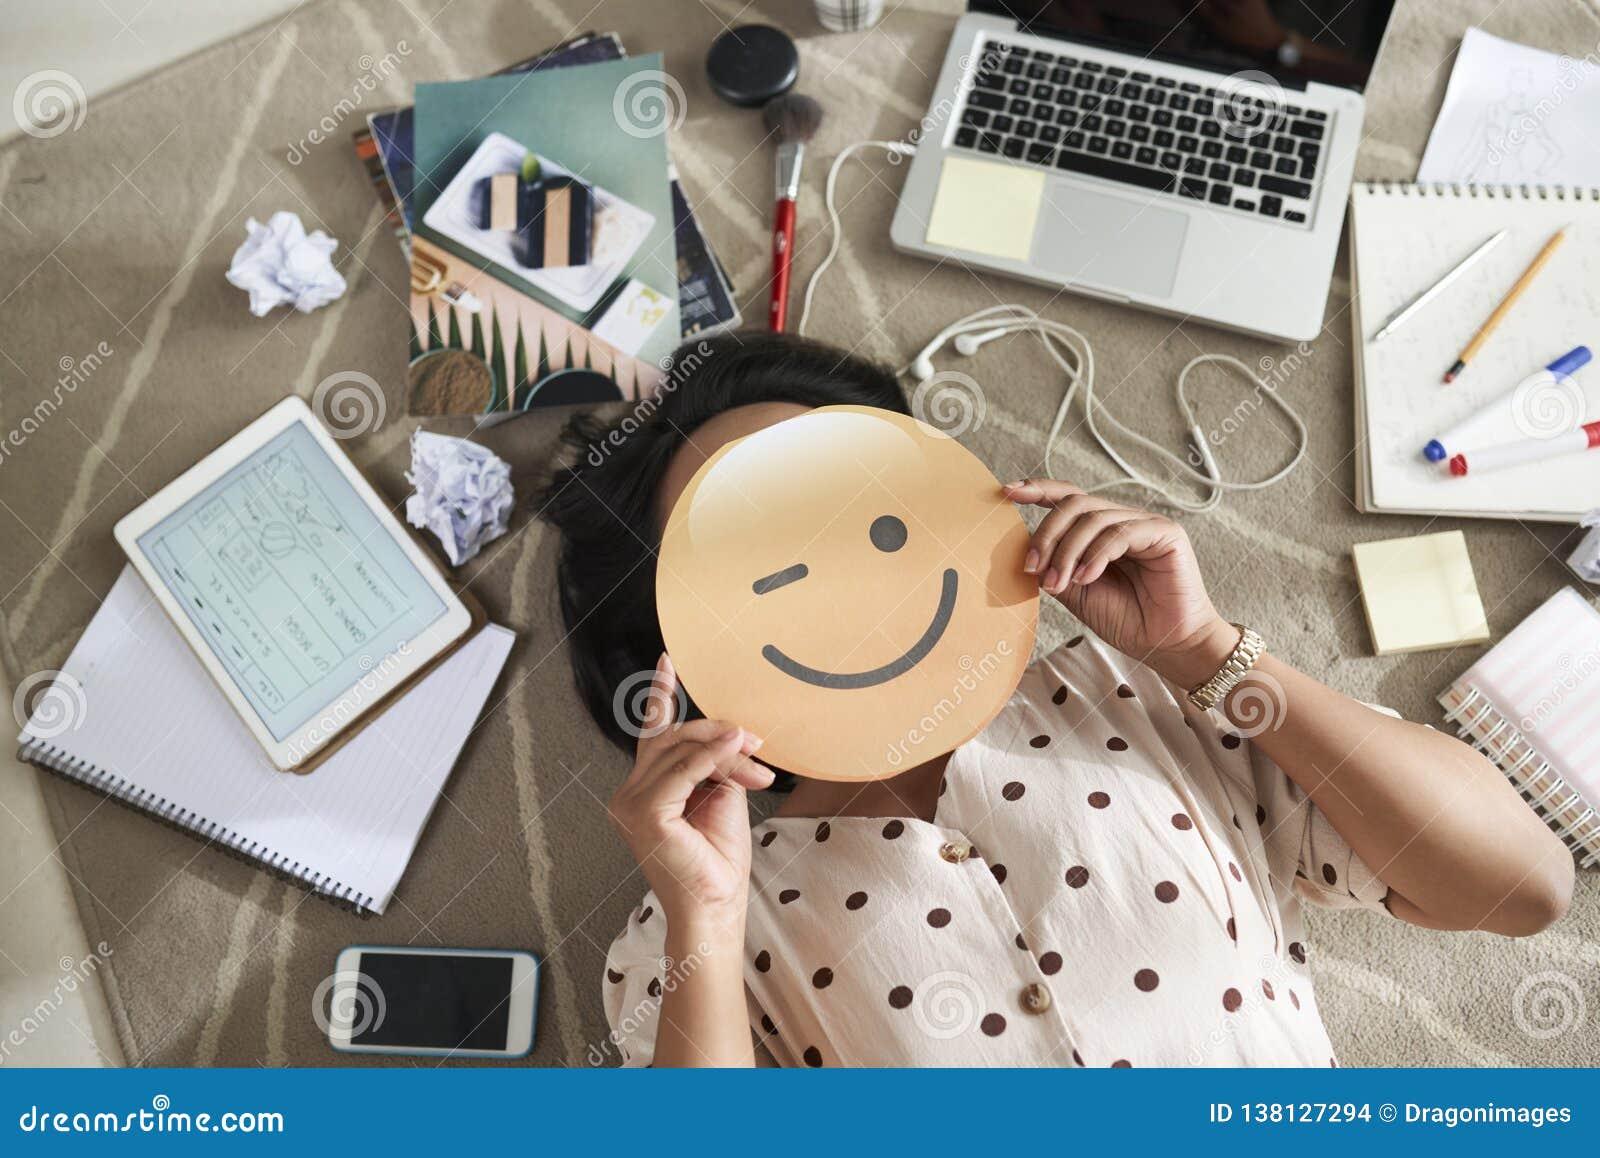 Bizneswoman z uśmiechniętą twarzą w rękach